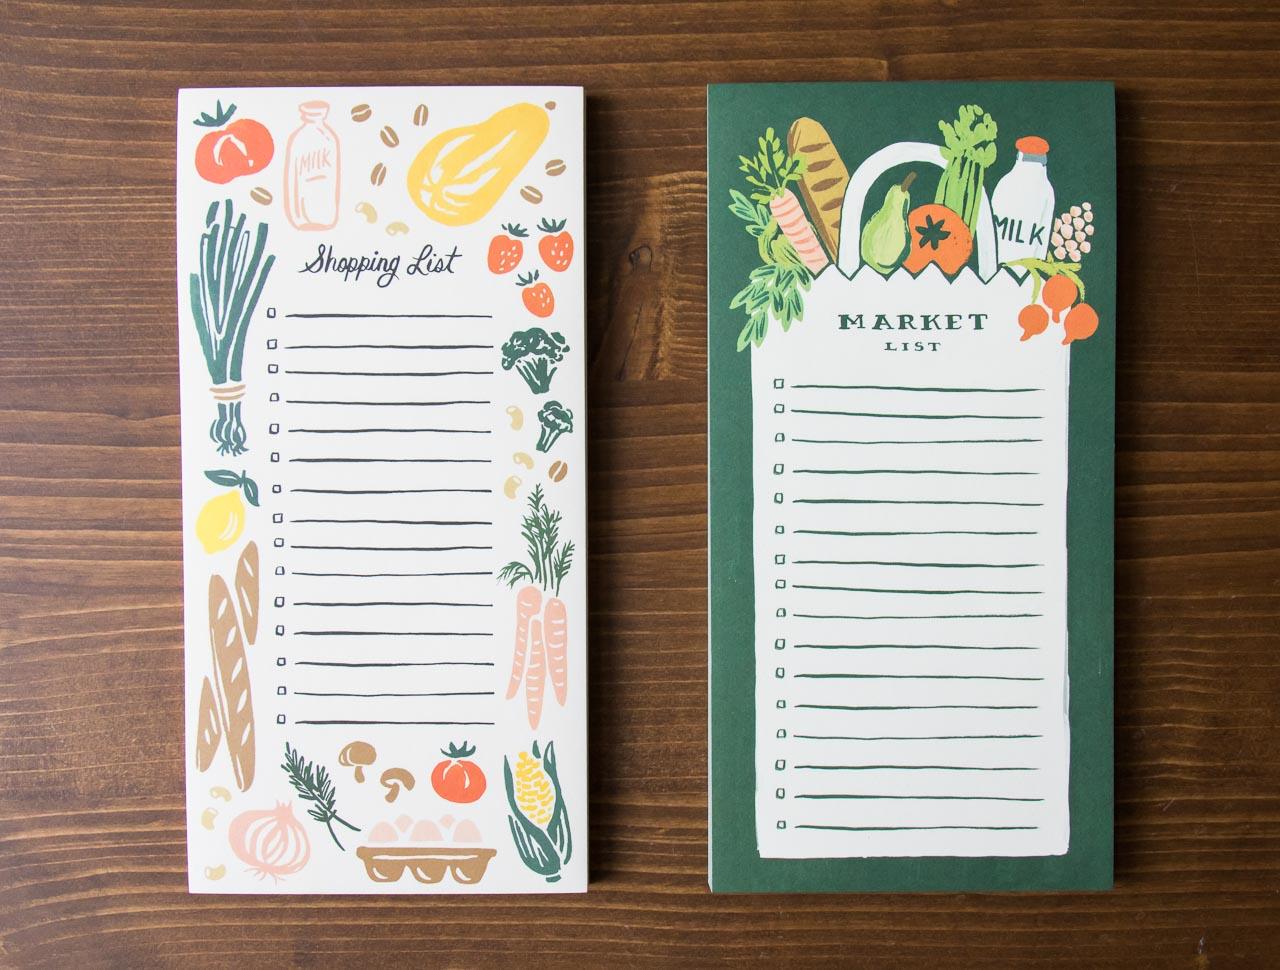 Market list Fruit et légume - Rifle Paper co -Maison Mathûvû